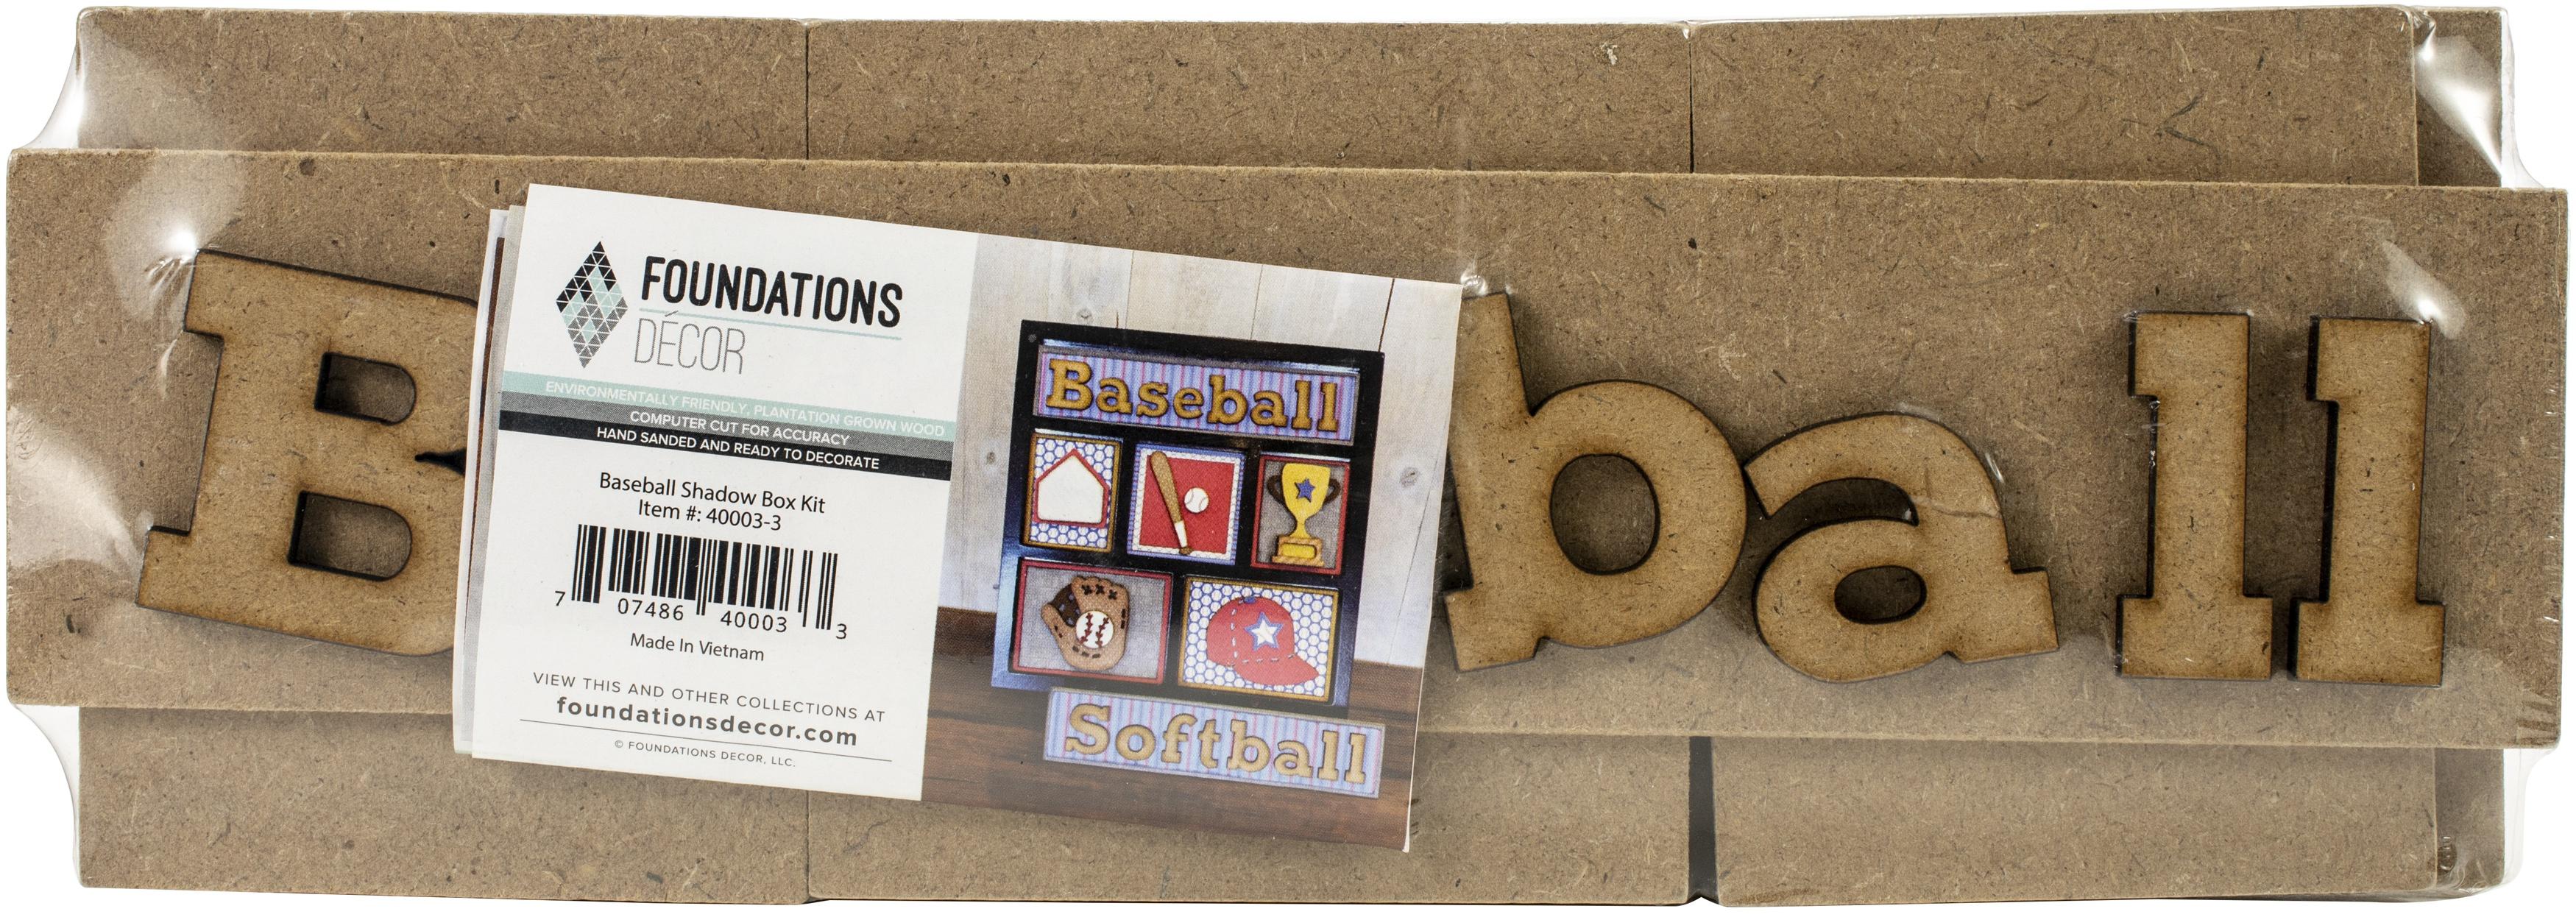 Baseball Shadow Box kit